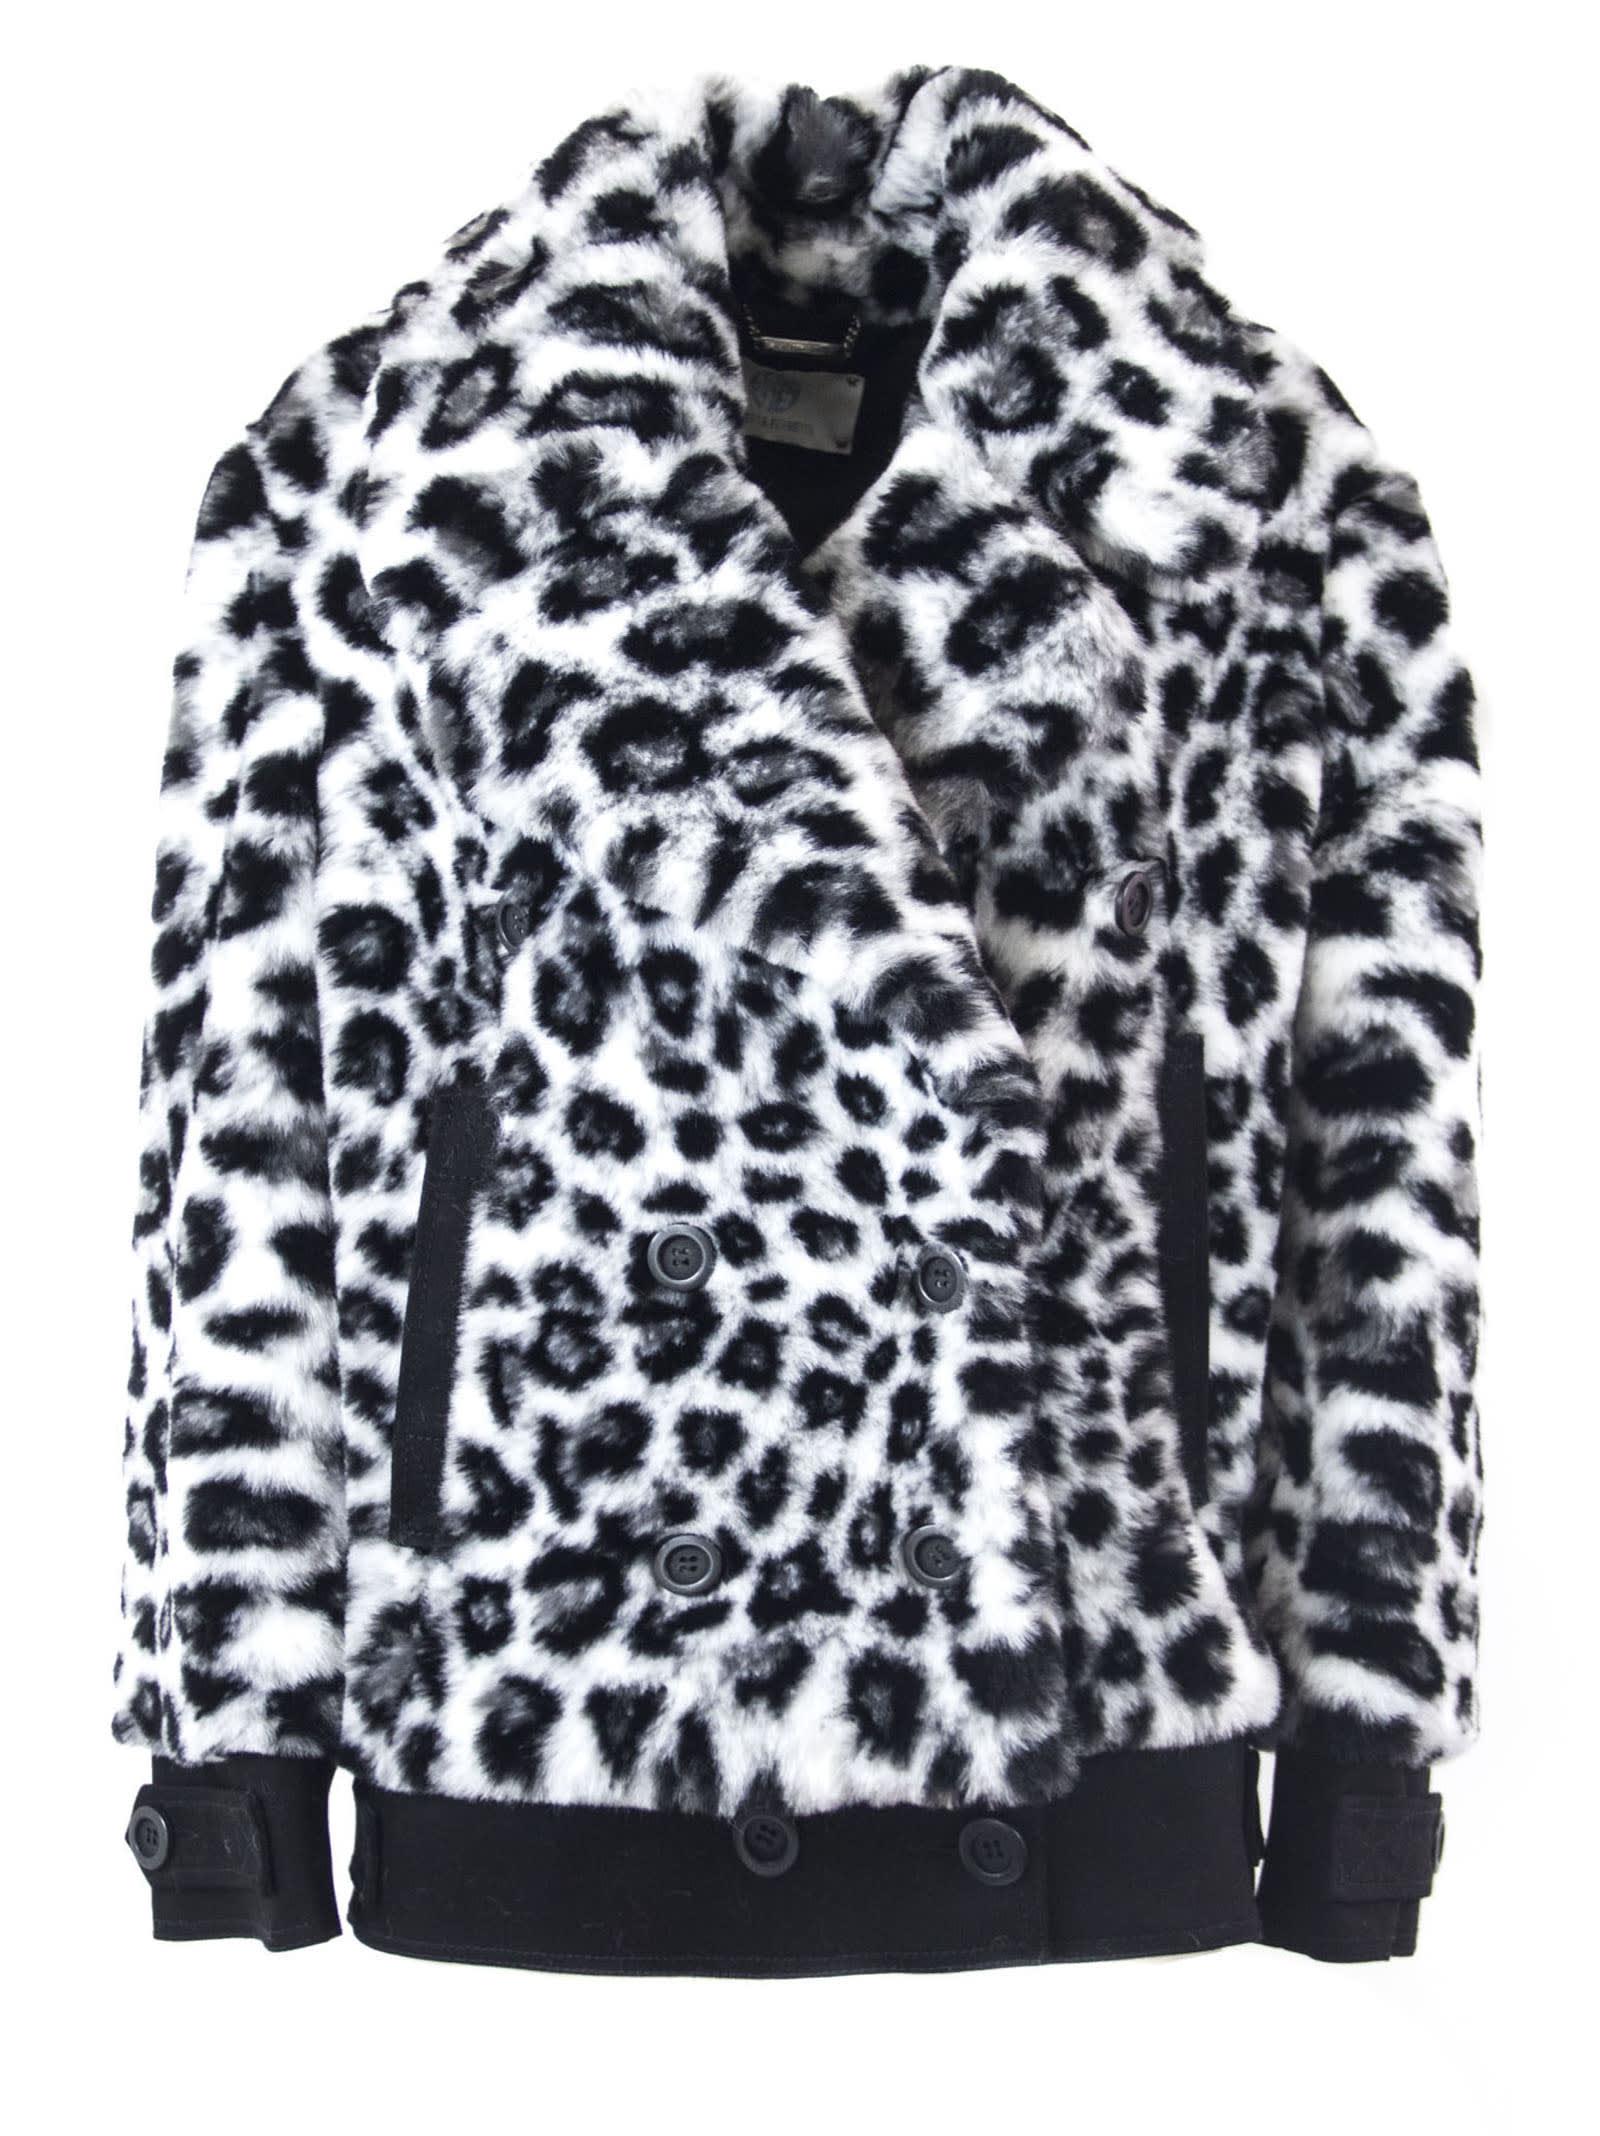 Alberta Ferretti Faux Fur In Black And White Cotton